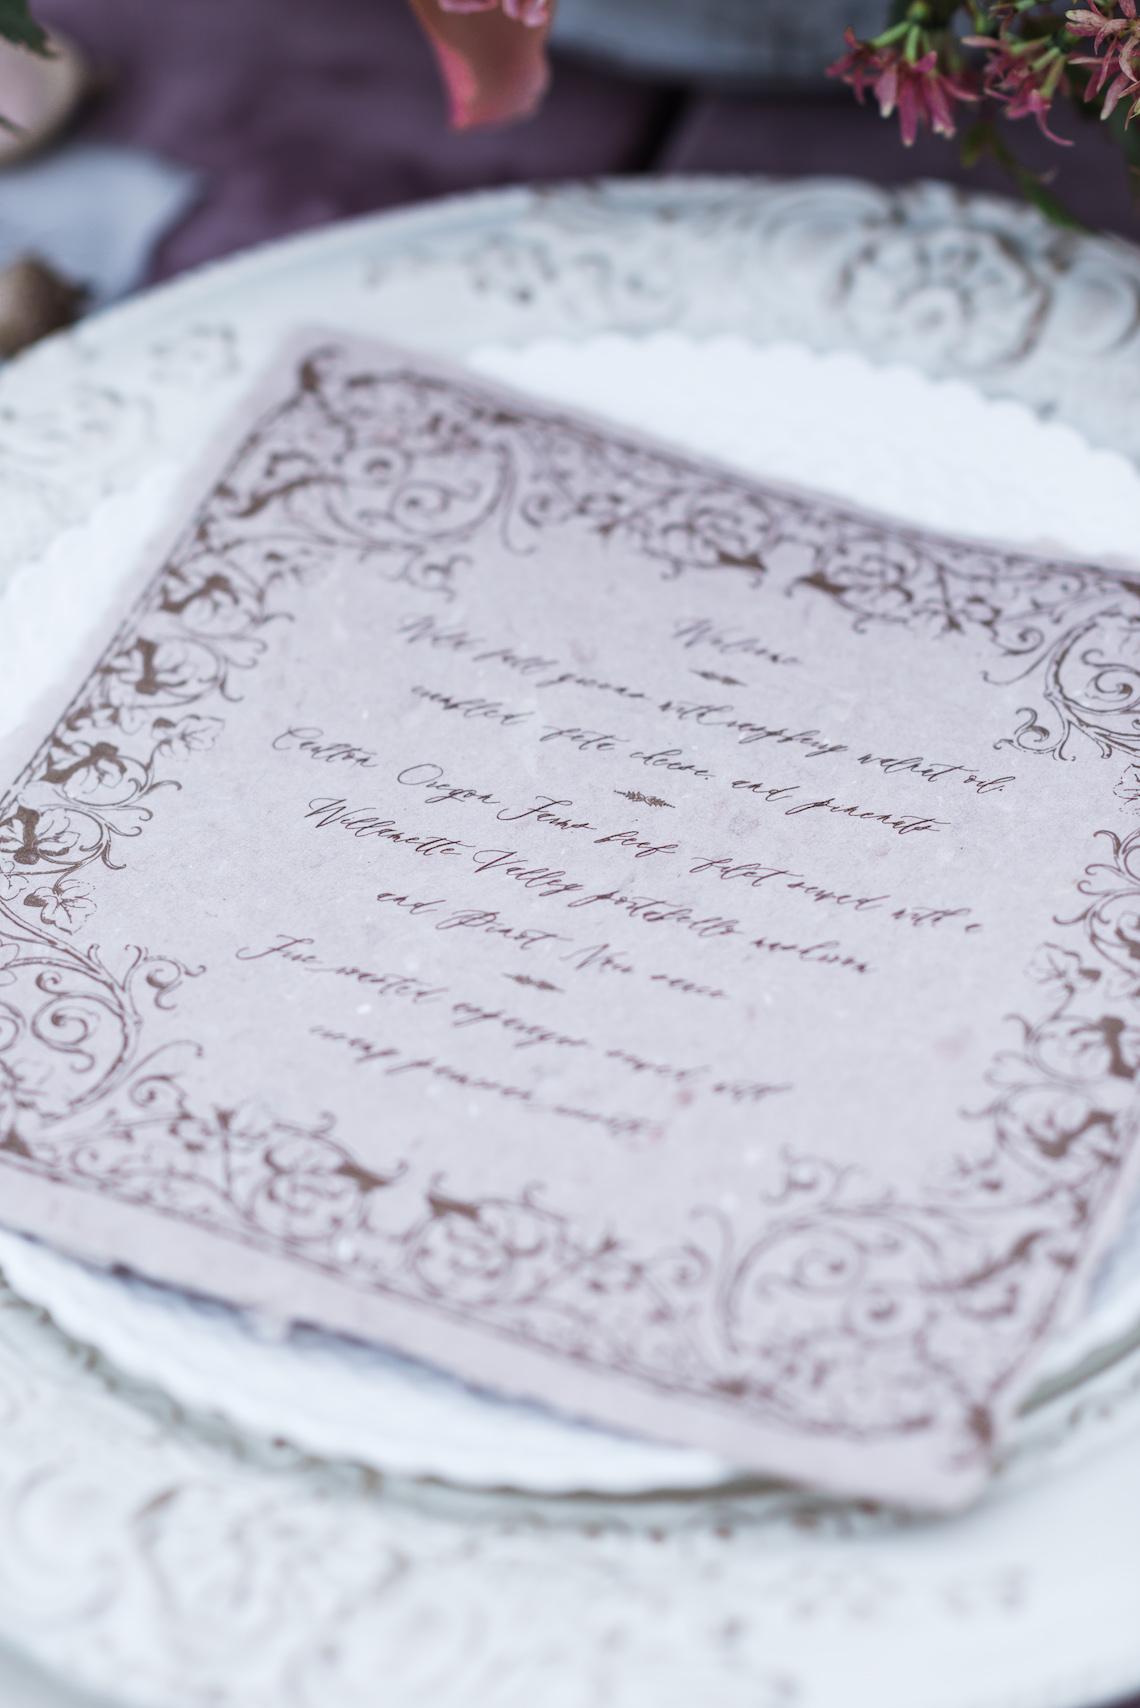 Malibu Wedding Inspiration With A Ruffled Pink Dress | Pura Vida Photography 15